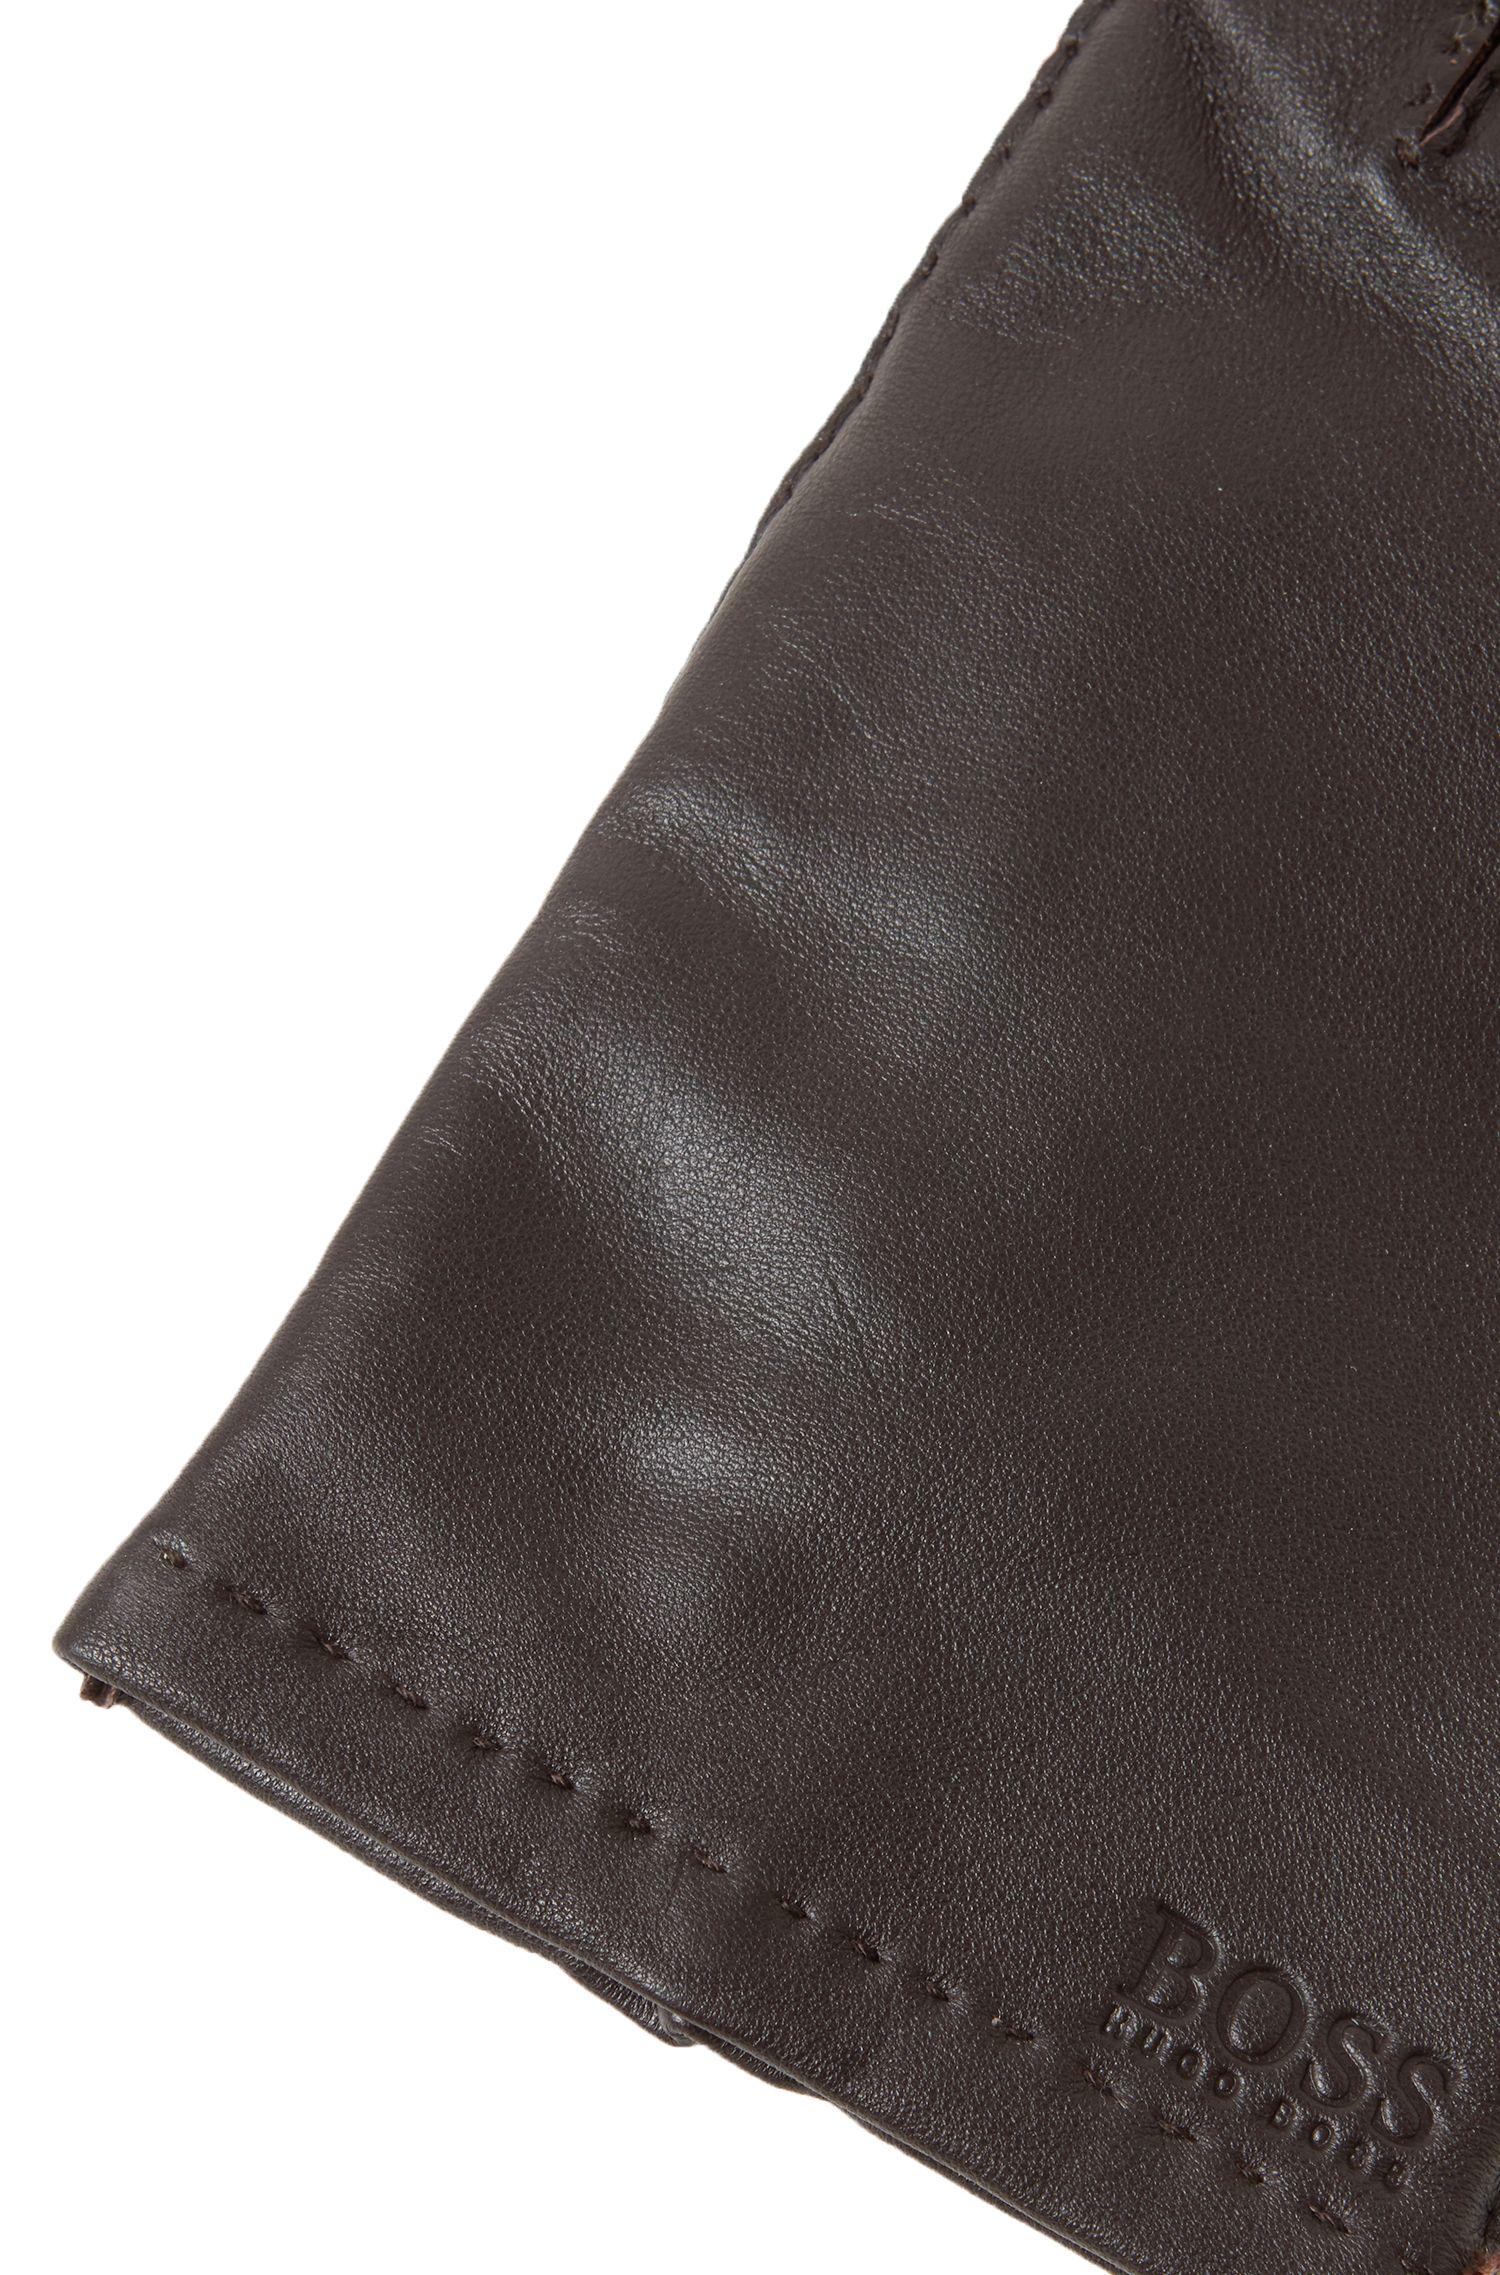 Guantes de napa de piel de cordero con acabado mate, Marrón oscuro